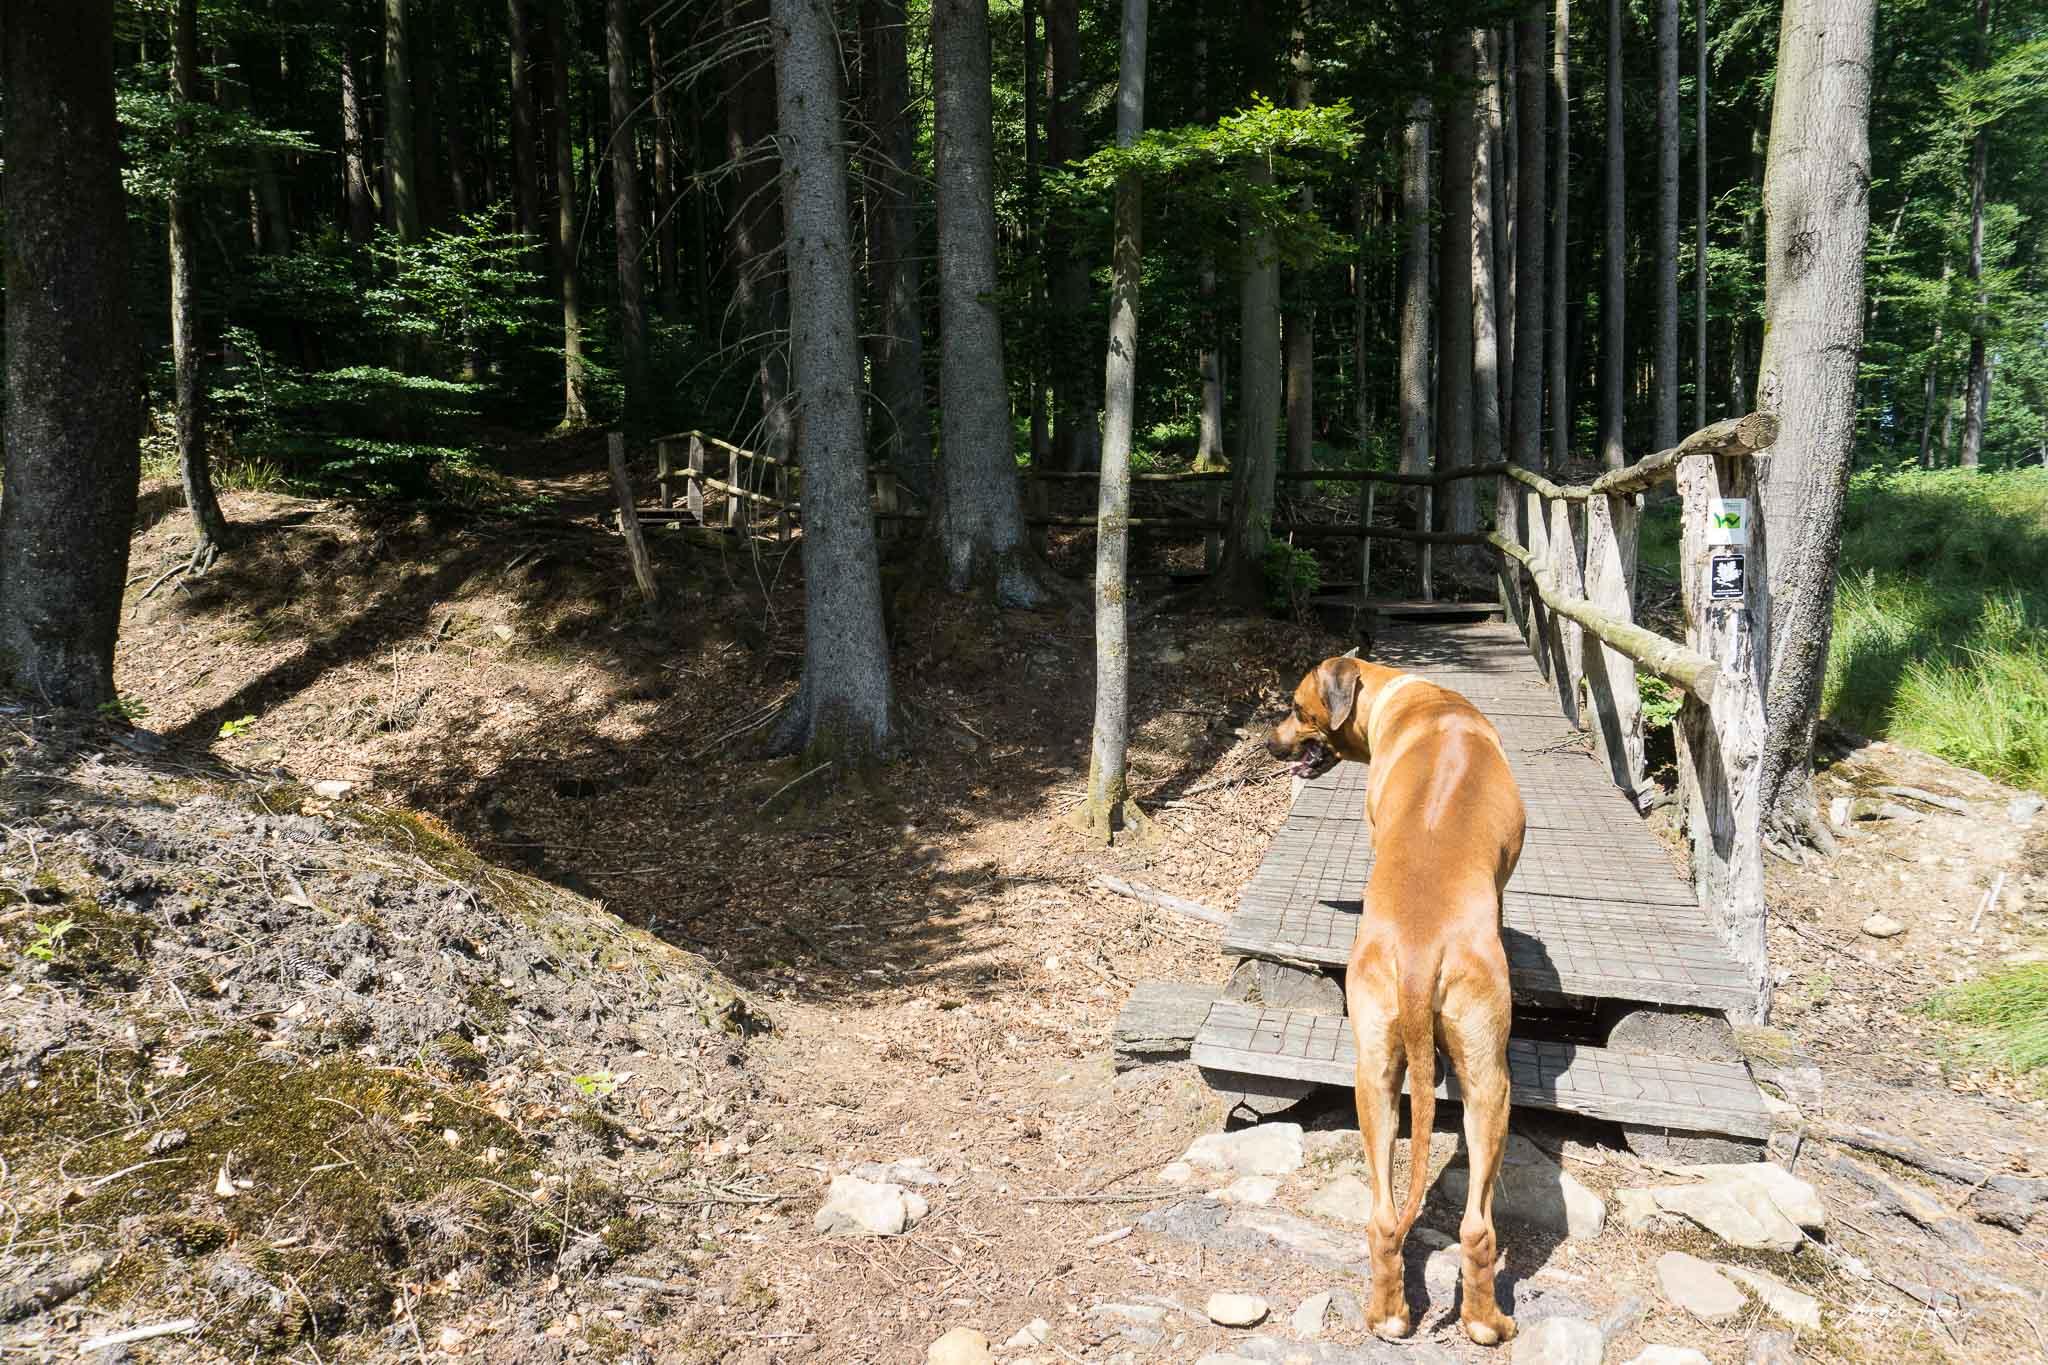 Holzwege führen uns durch den Wald nach oben